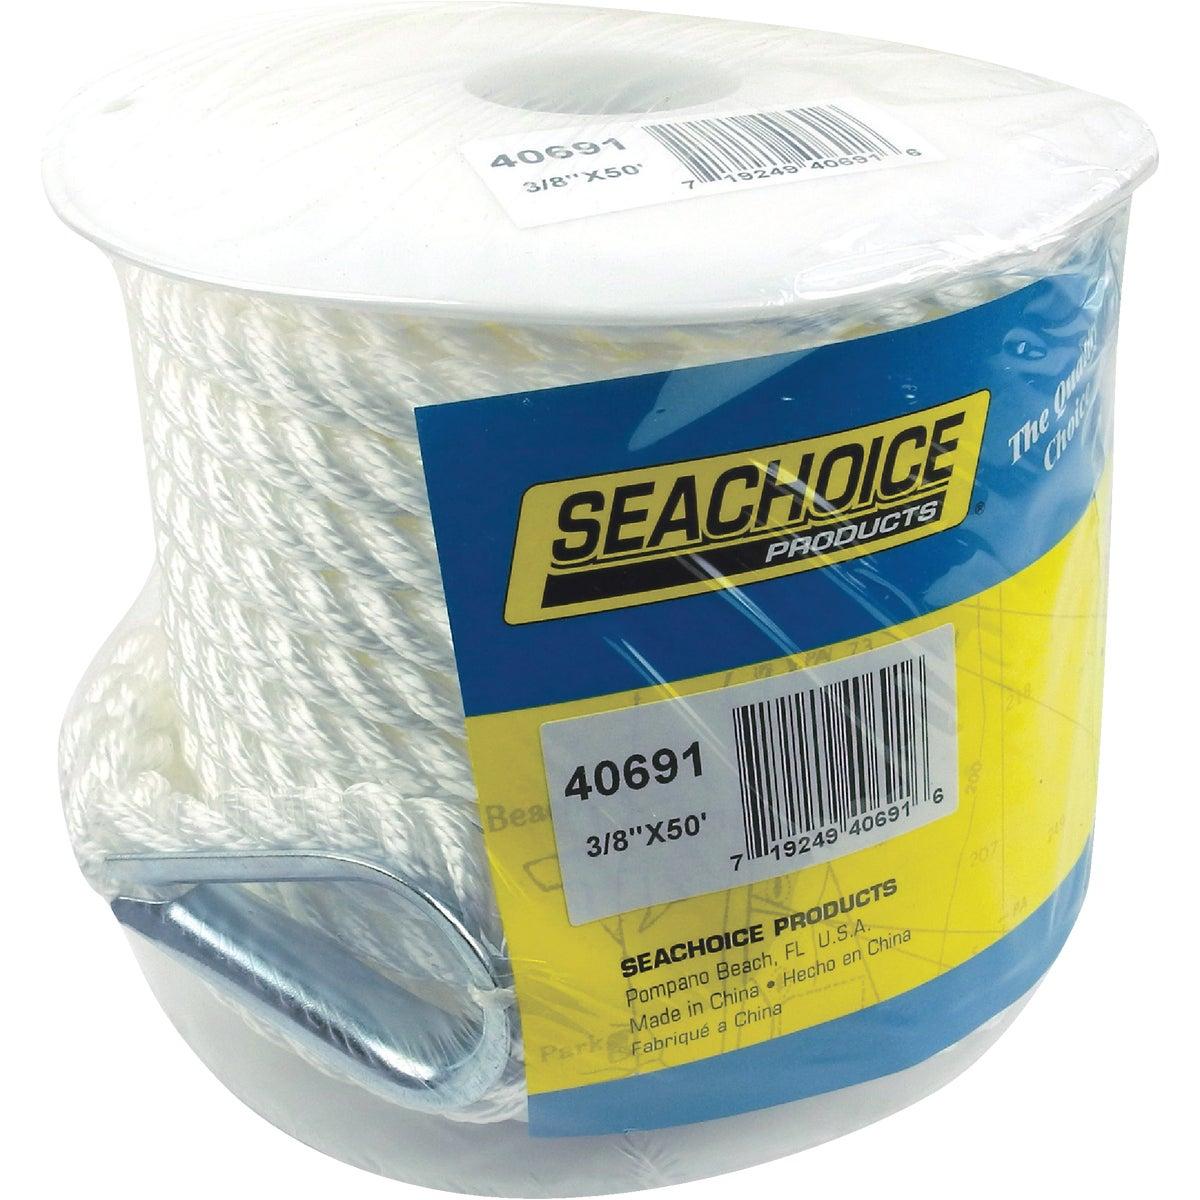 50' NYLON ANCHOR LINE - 40691 by Seachoice Prod